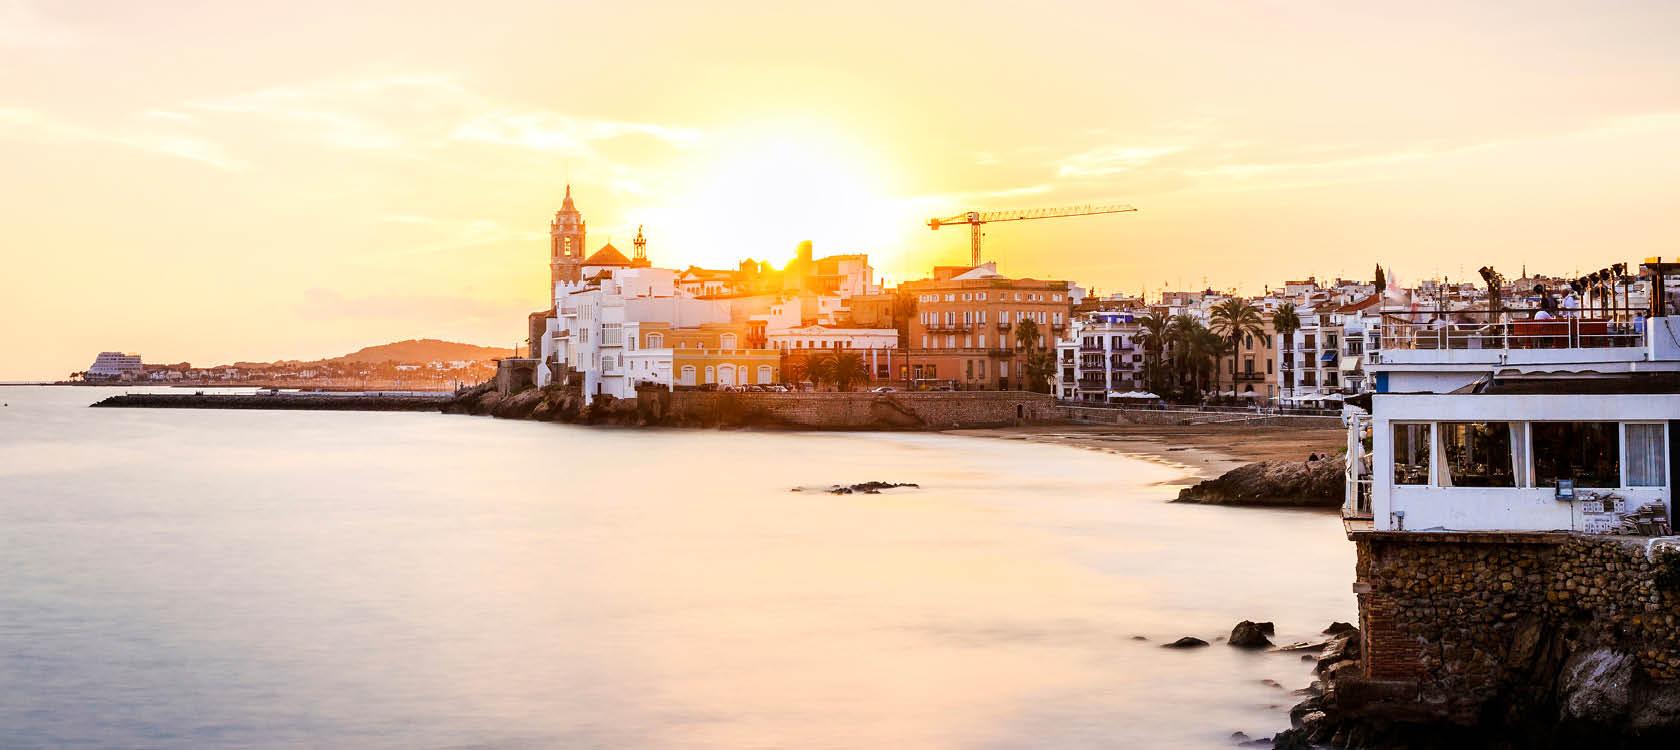 Vackra kuststaden Sitges i solnedgången på en resa till Katalonien.